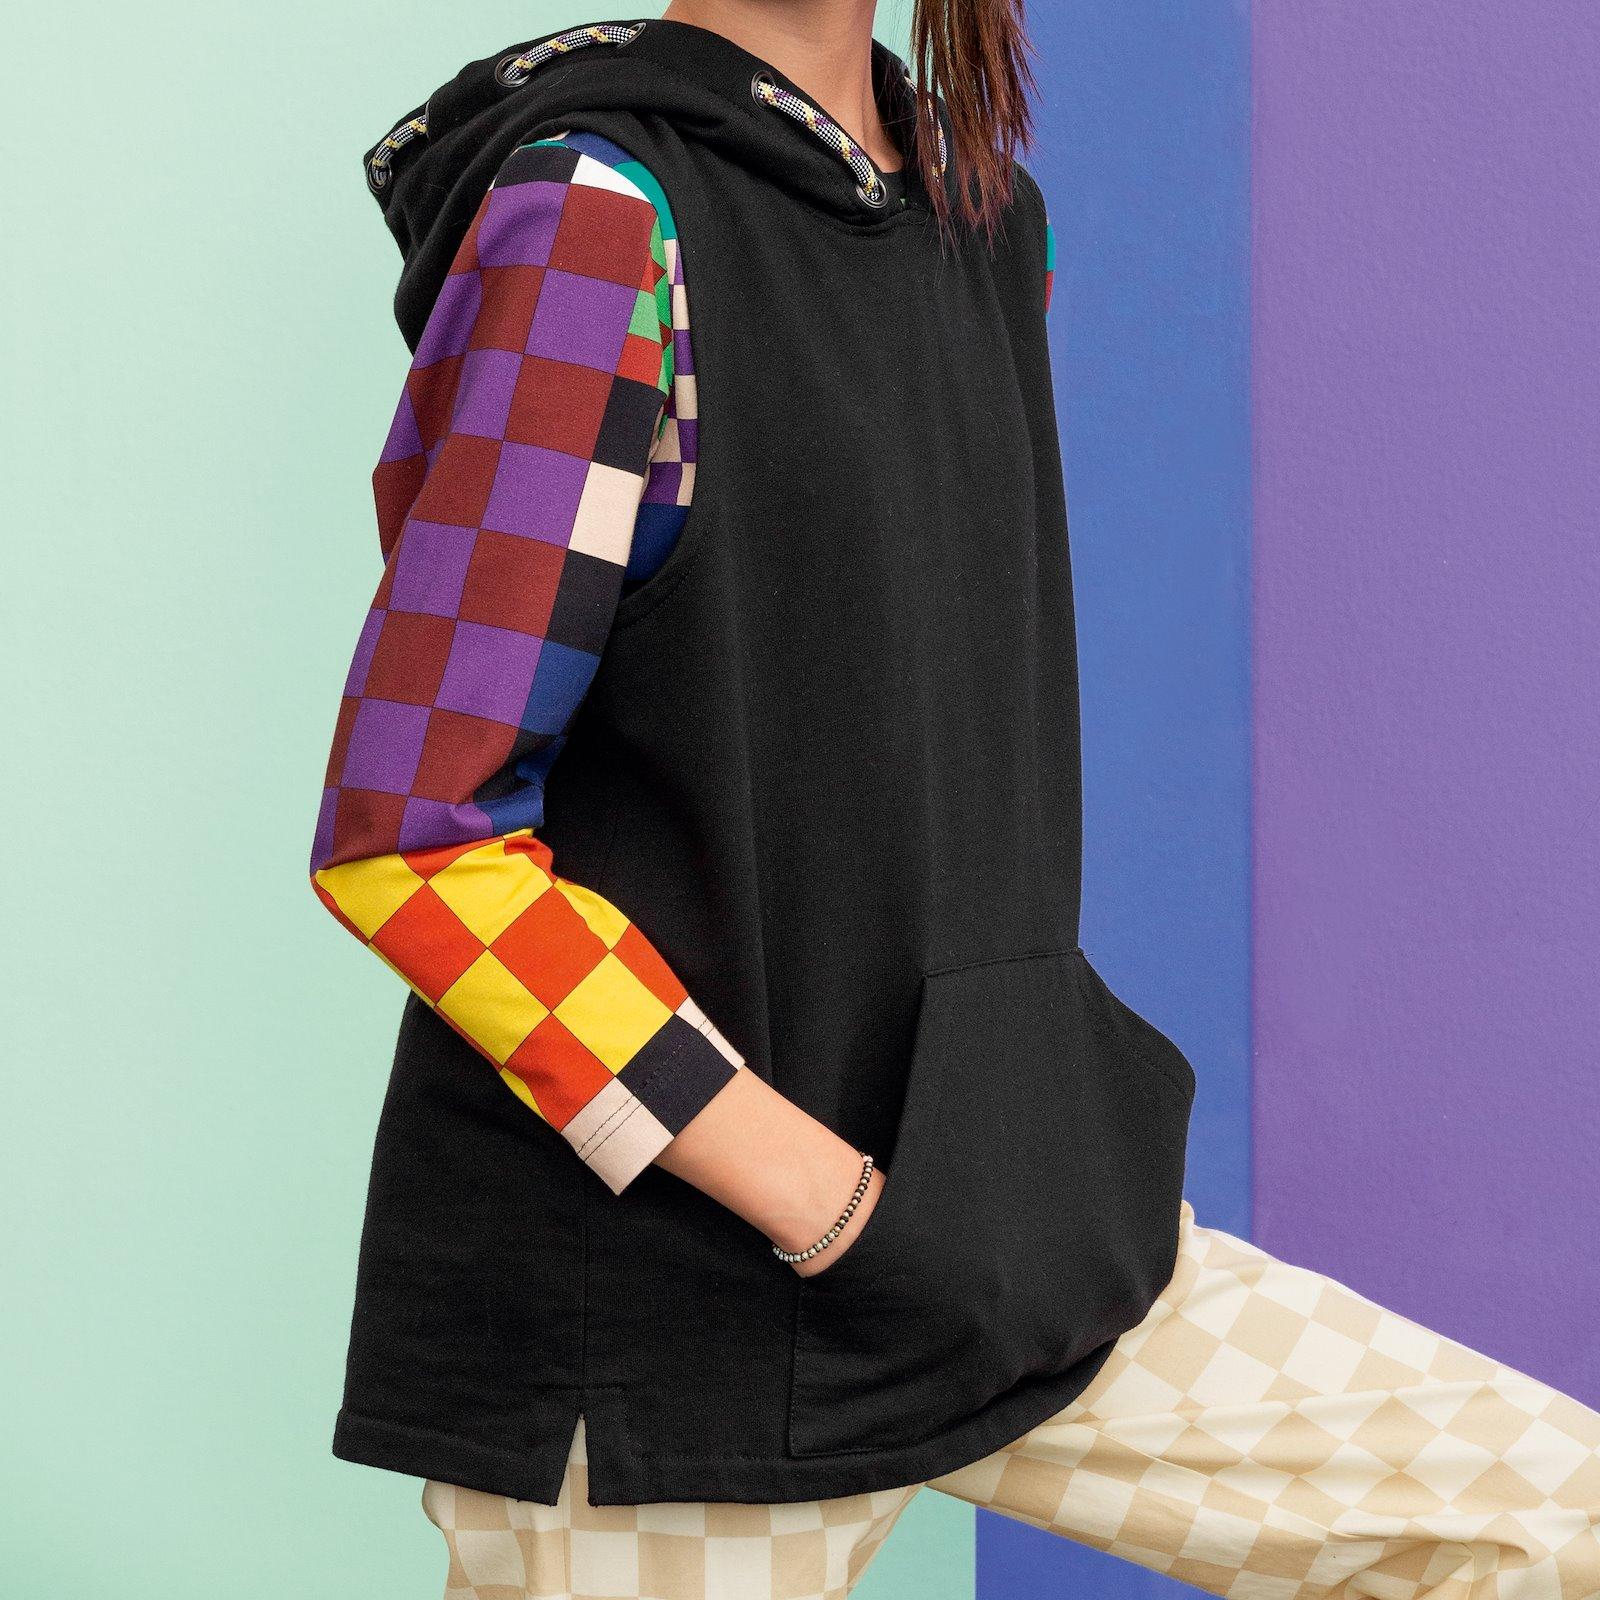 Hoodie waistcoat, 140/10y p62021_211759_230638_43690_22276_p62017_272807_p60034_420420_bundle